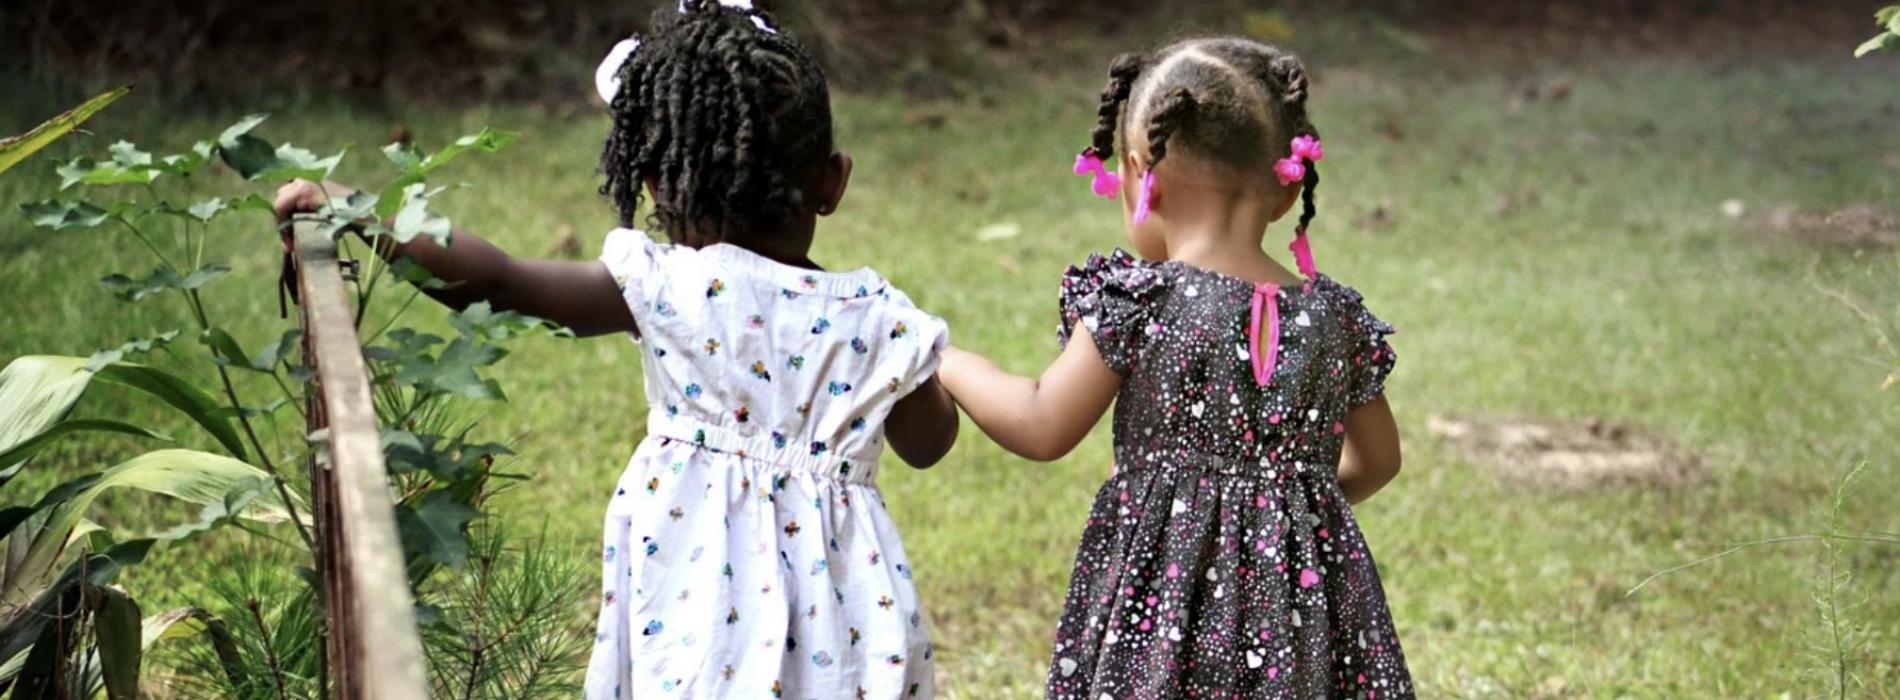 Giornata mondiale delle bambine, una data dedicata ai diritti